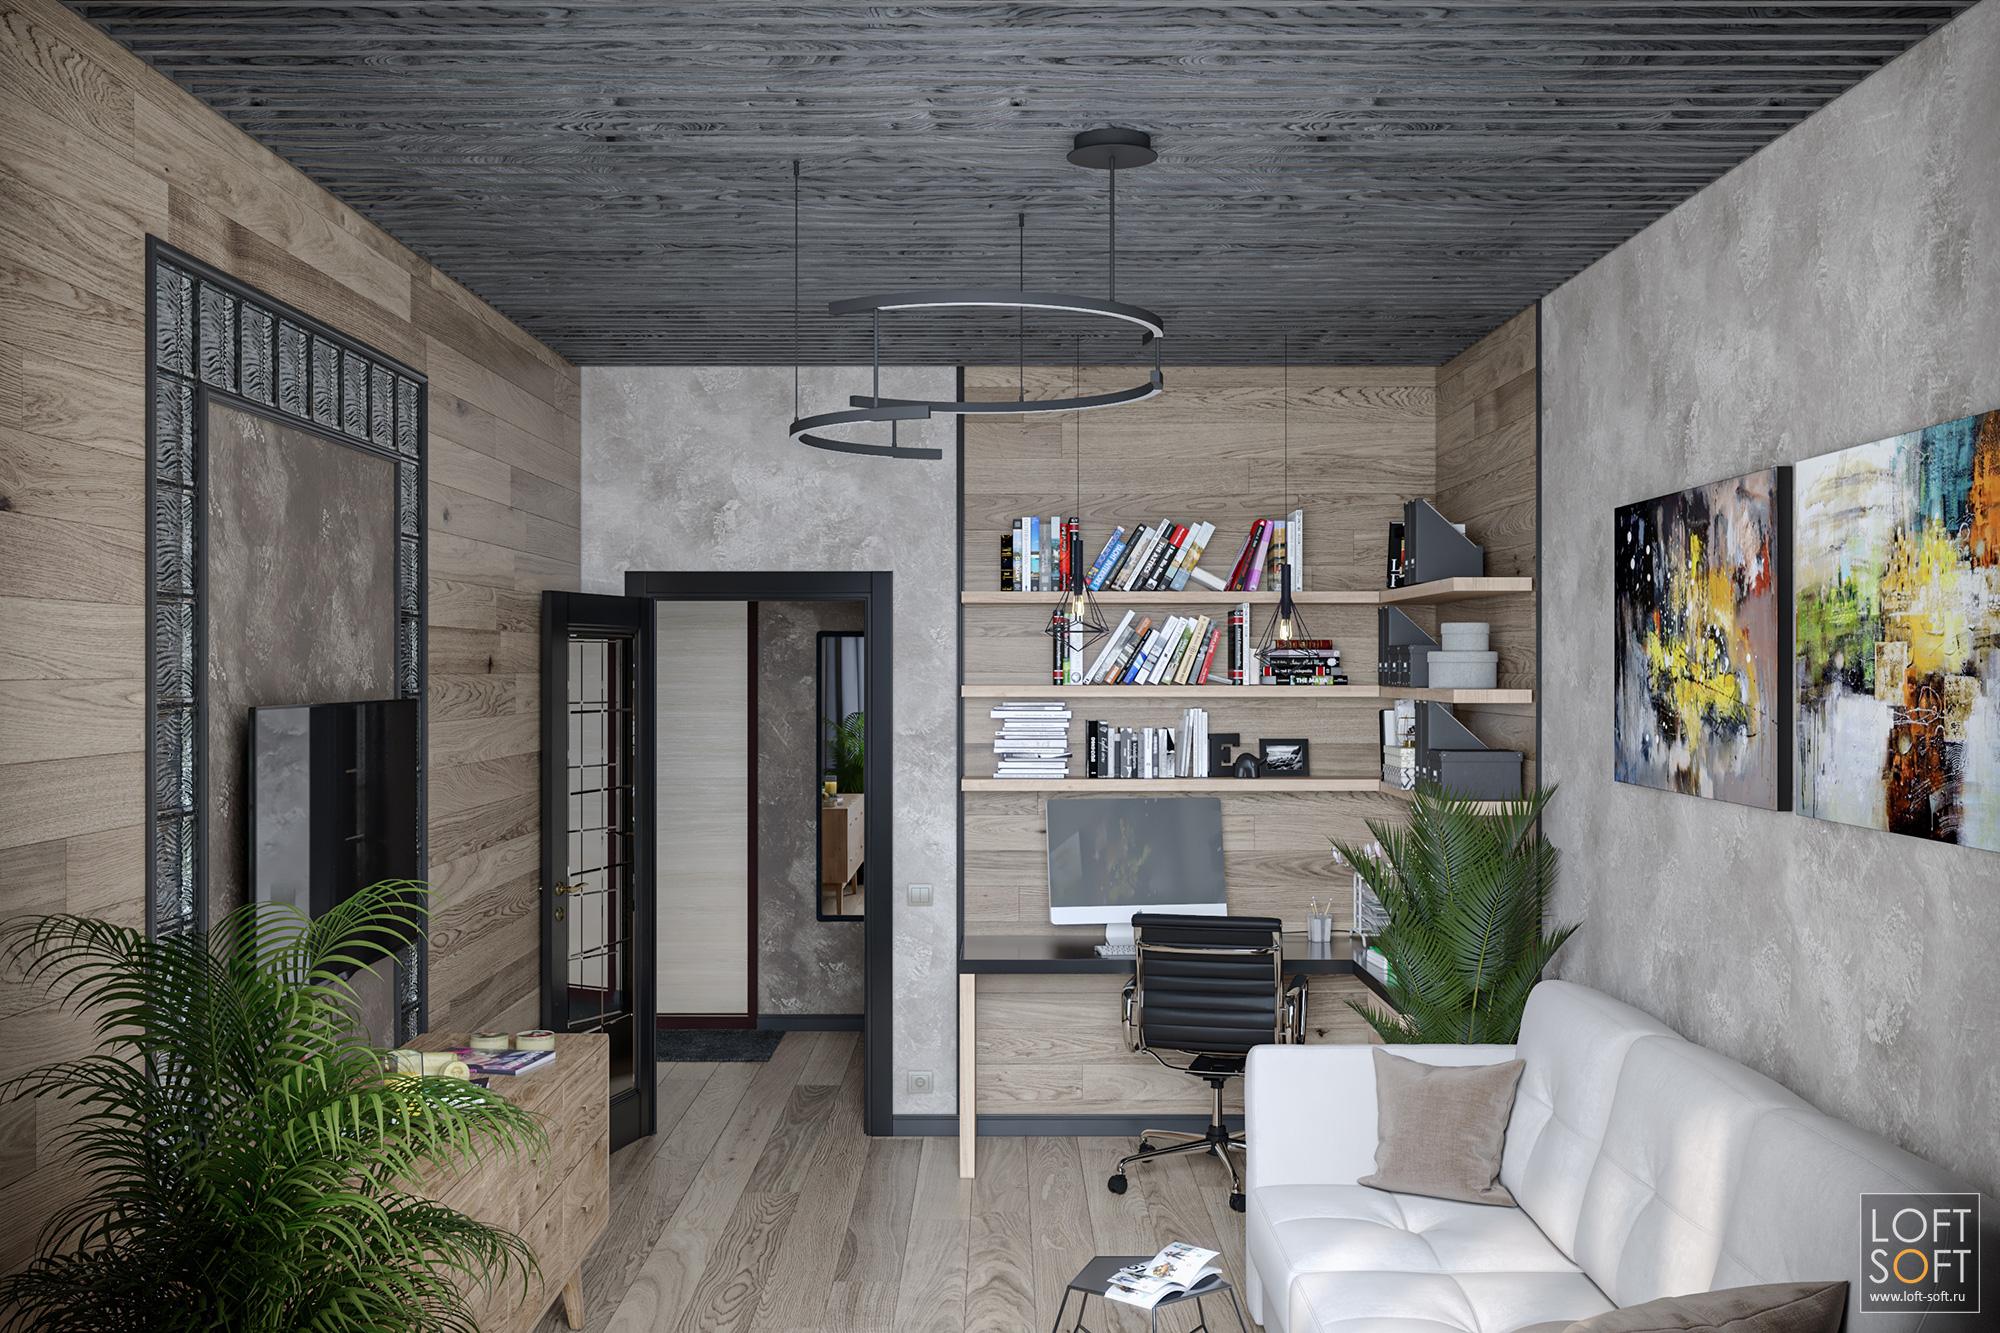 реечный потолок, черный потолок вквартире, современный дизайн квартиры